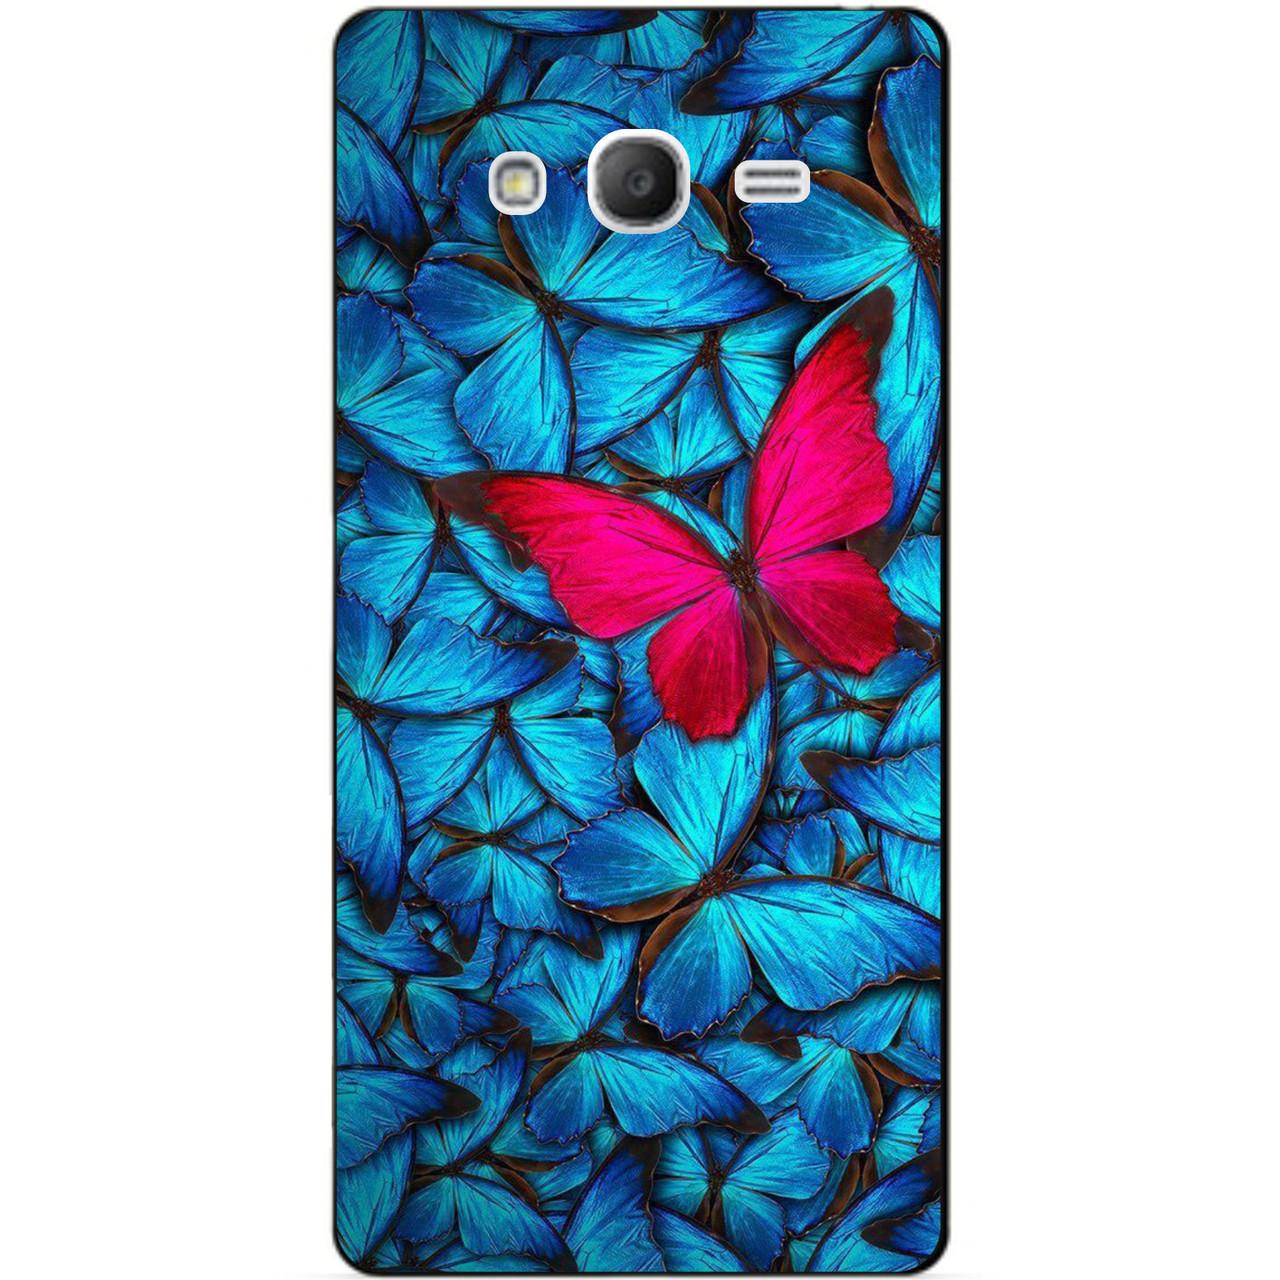 Чехол силиконовый для Samsung i9080/i9082 Galaxy Grand Duos i9060/i9062 с рисунком Мотыльки